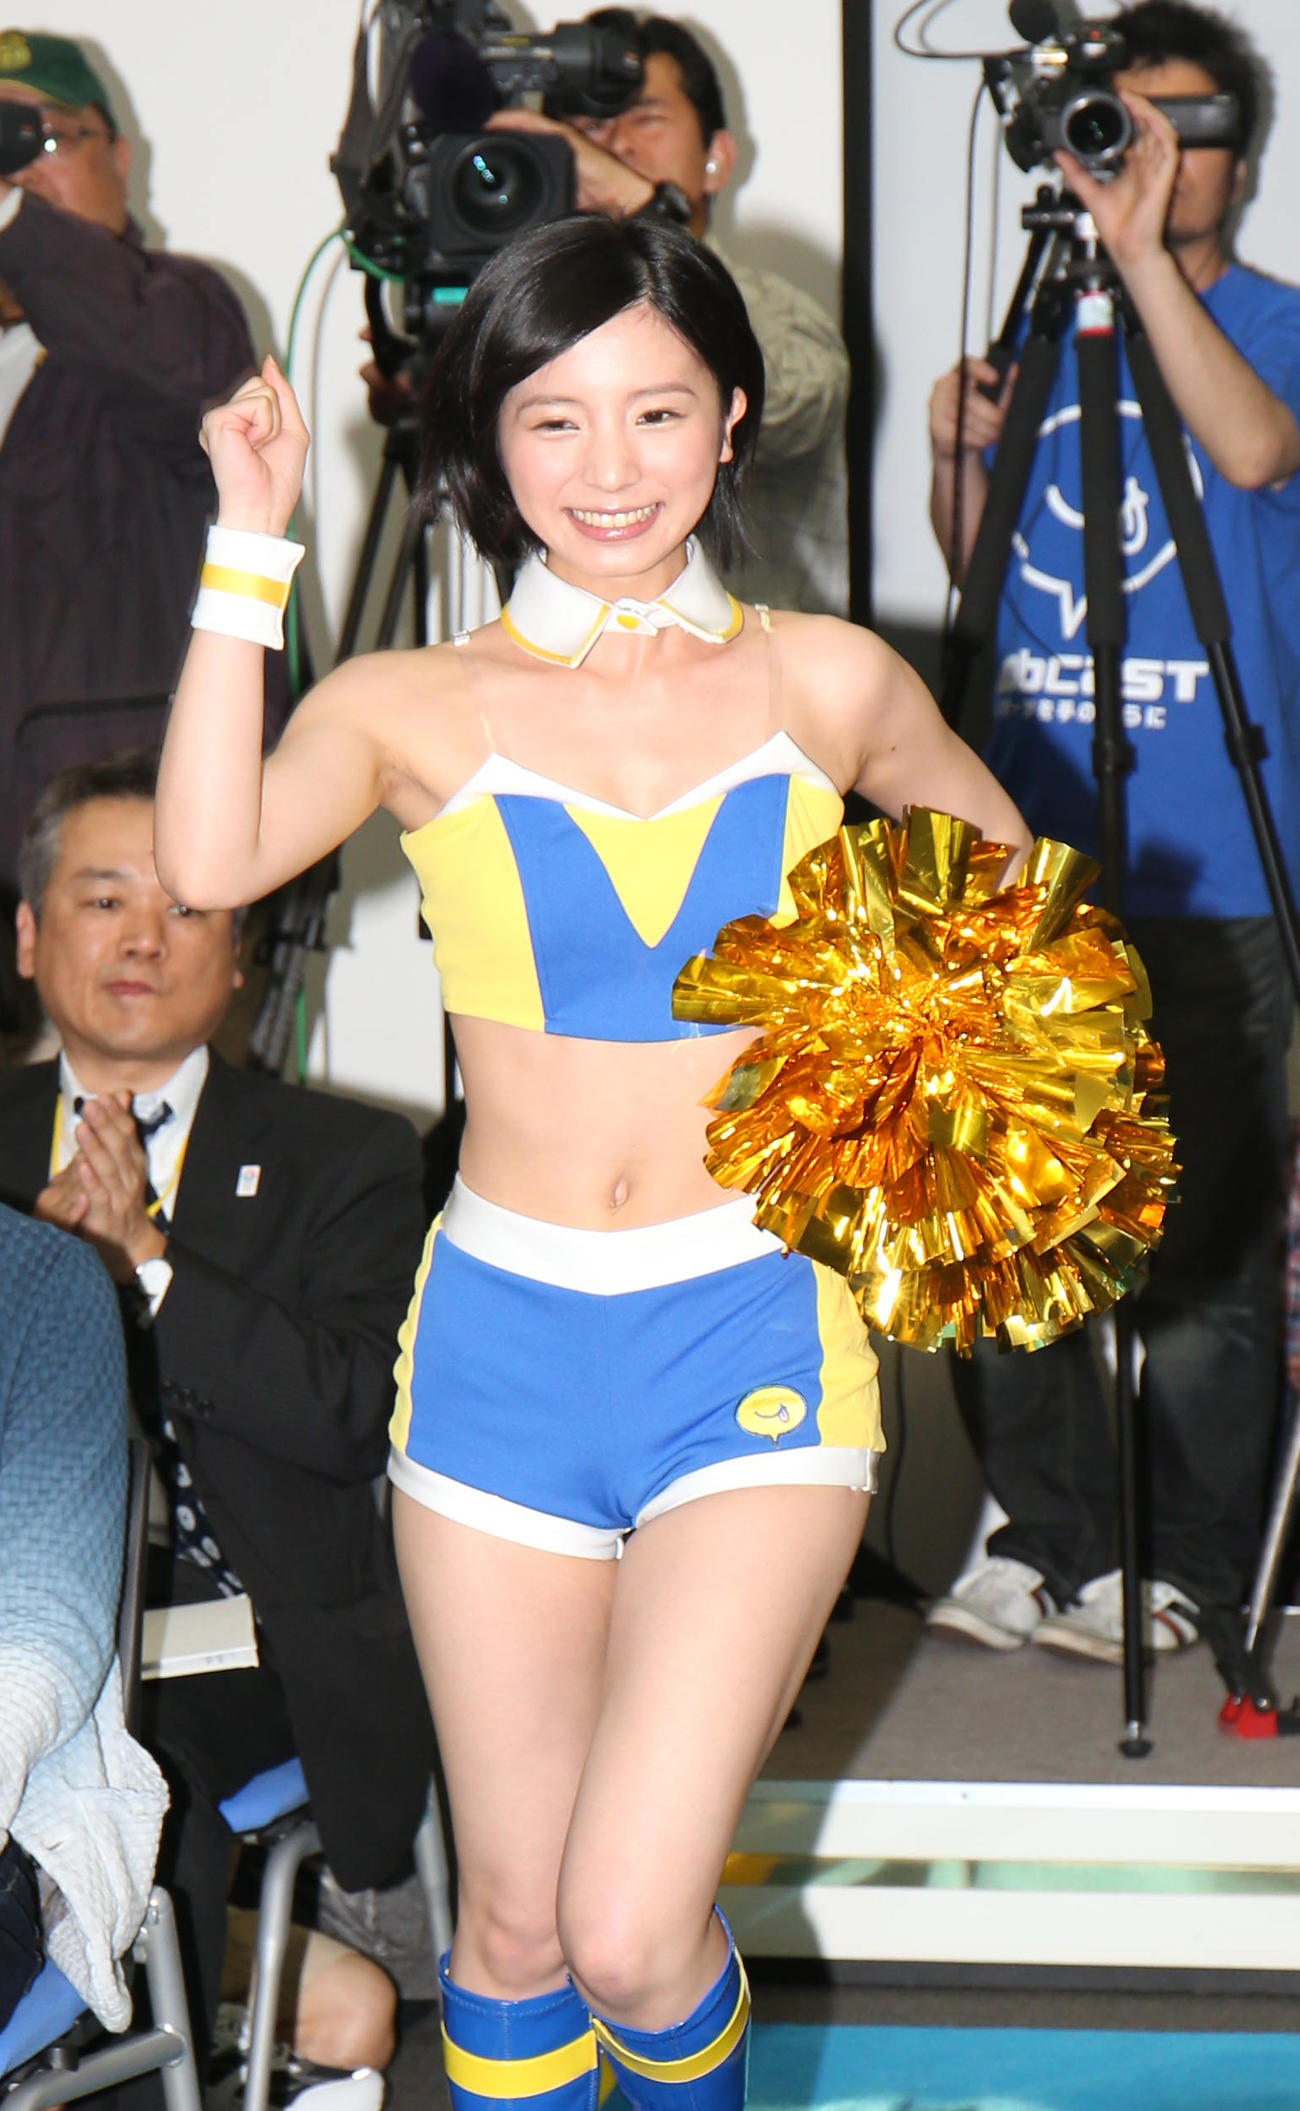 「モブキャストガール」結成記者発表会で登場する入来茉里(2013年4月4日撮影)